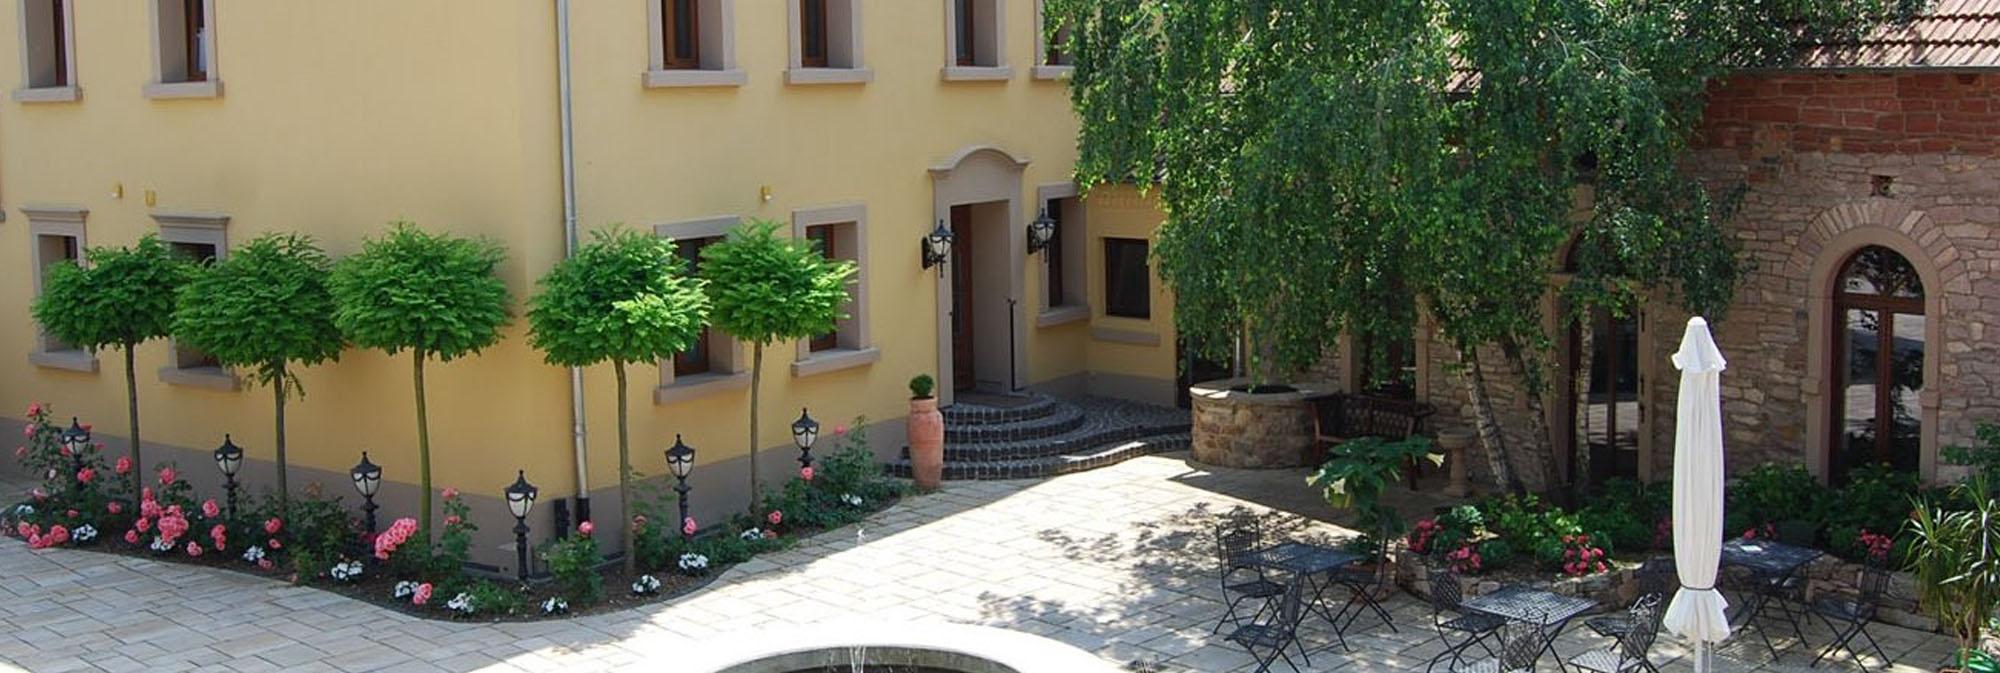 Hotel Figo